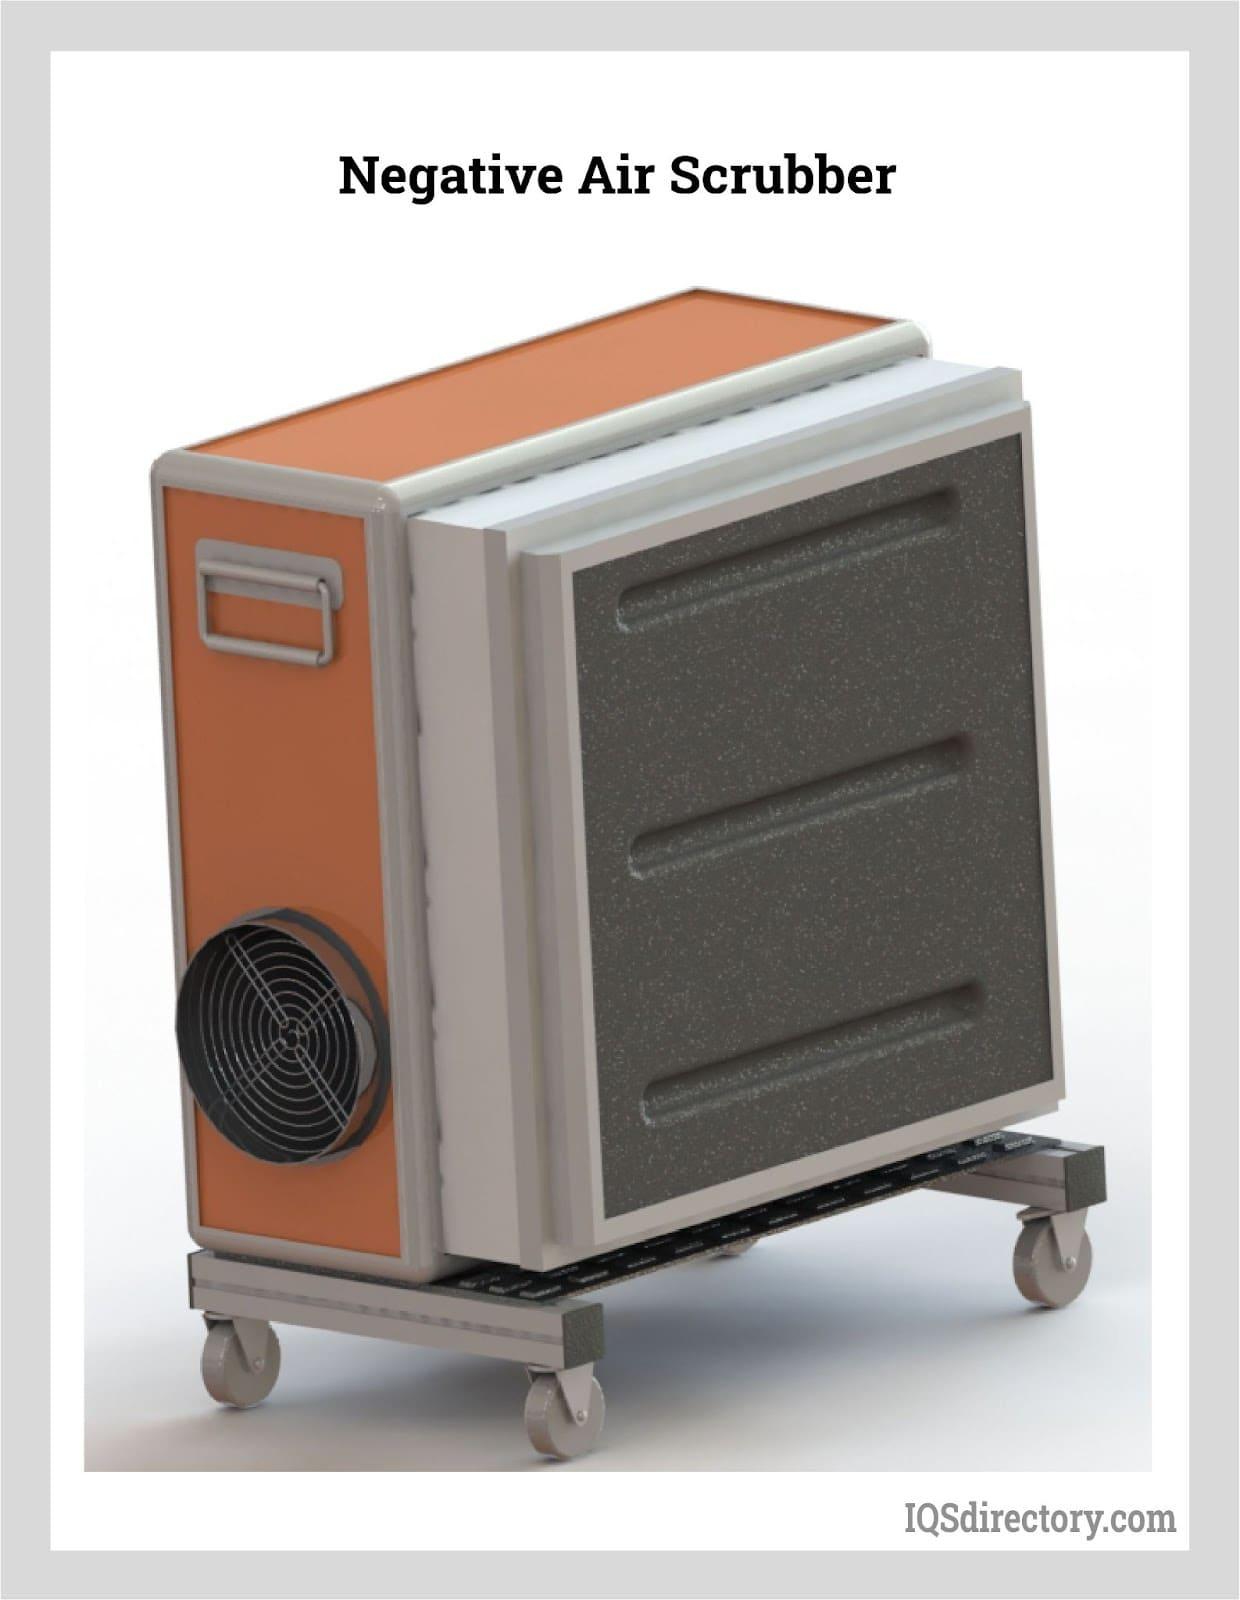 Negative Air Scrubber